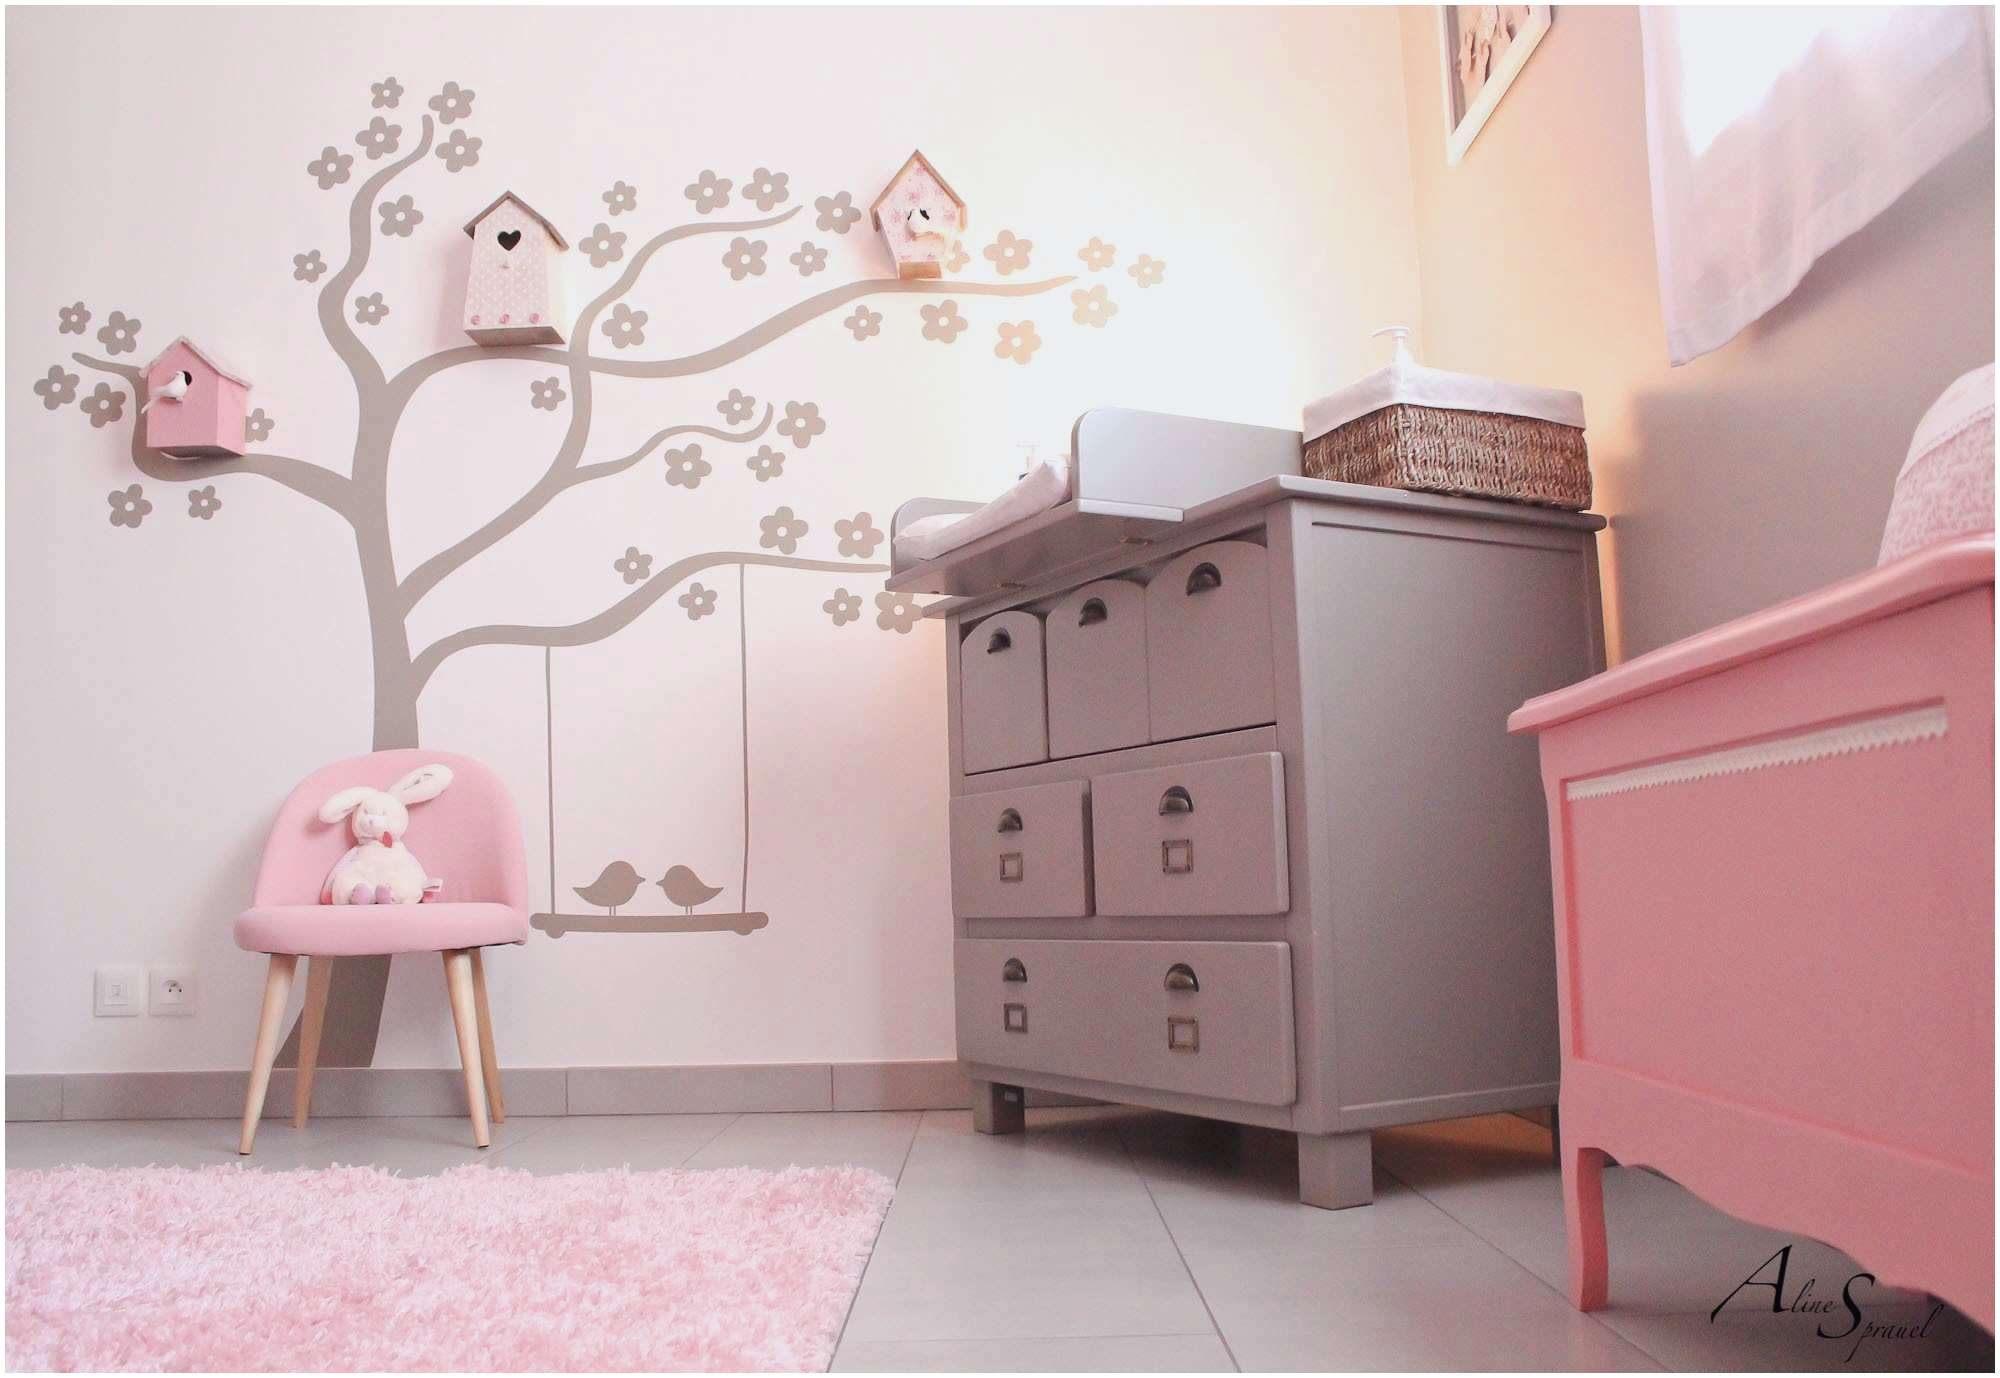 Moustiquaire Lit Bébé Luxe Le Meilleur De élégant Chambre Bébé Jumeaux S Pour Excellent Rideau